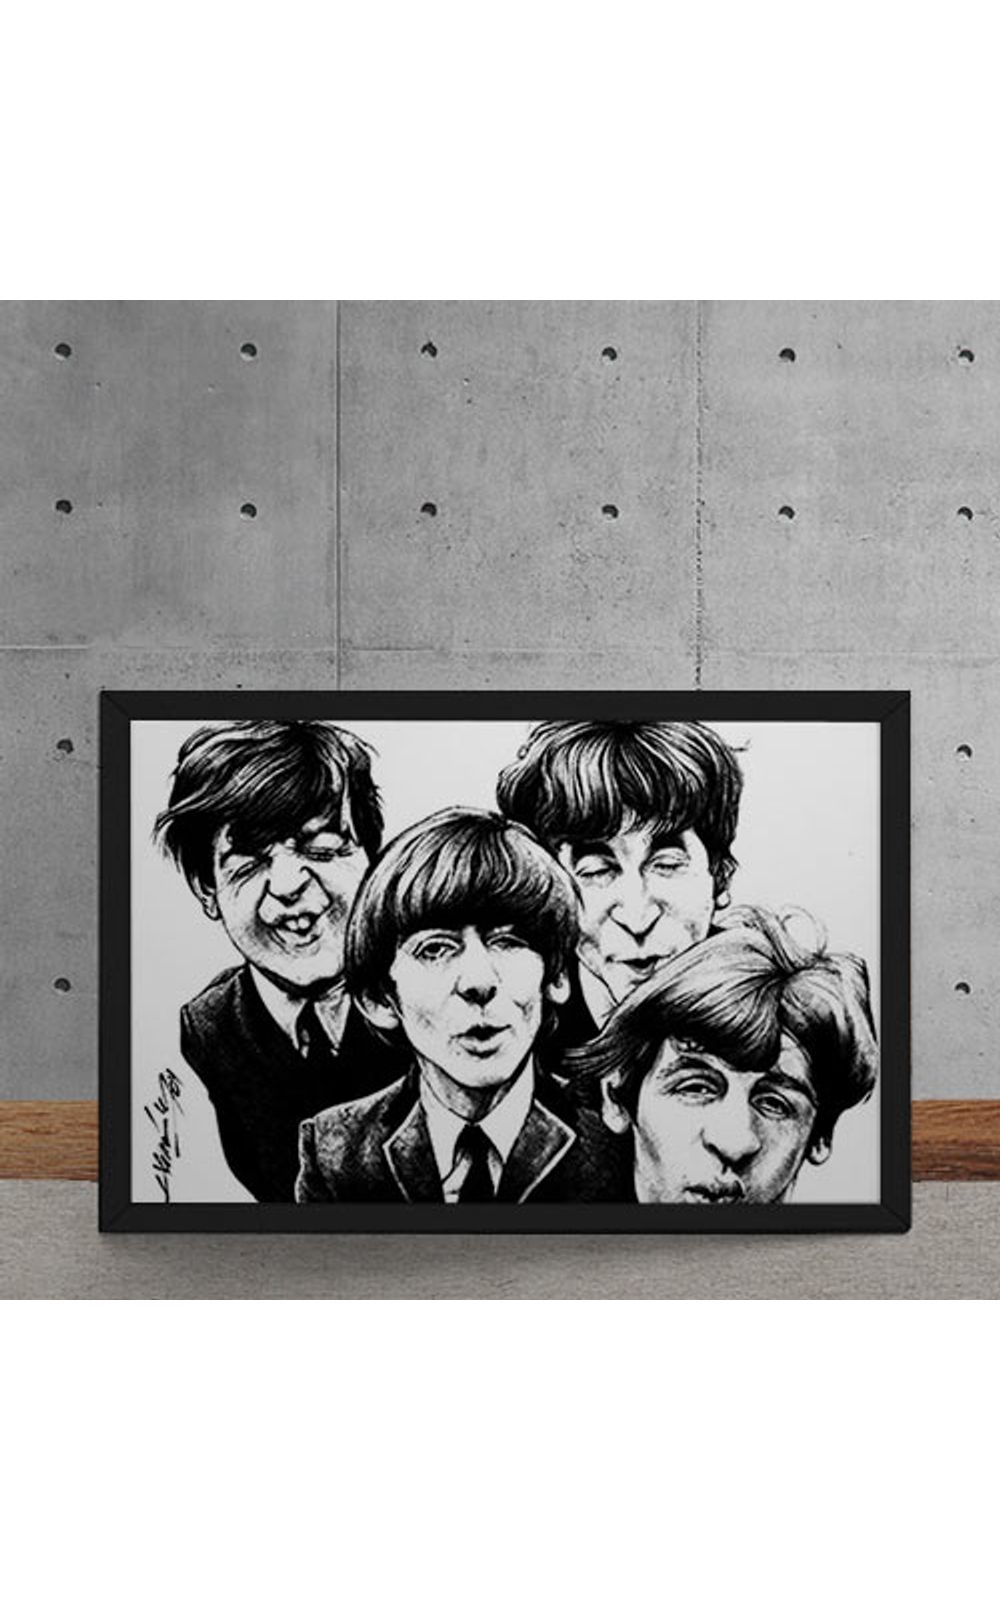 Foto 5 - Quadro Decorativo Beatles Caricatura